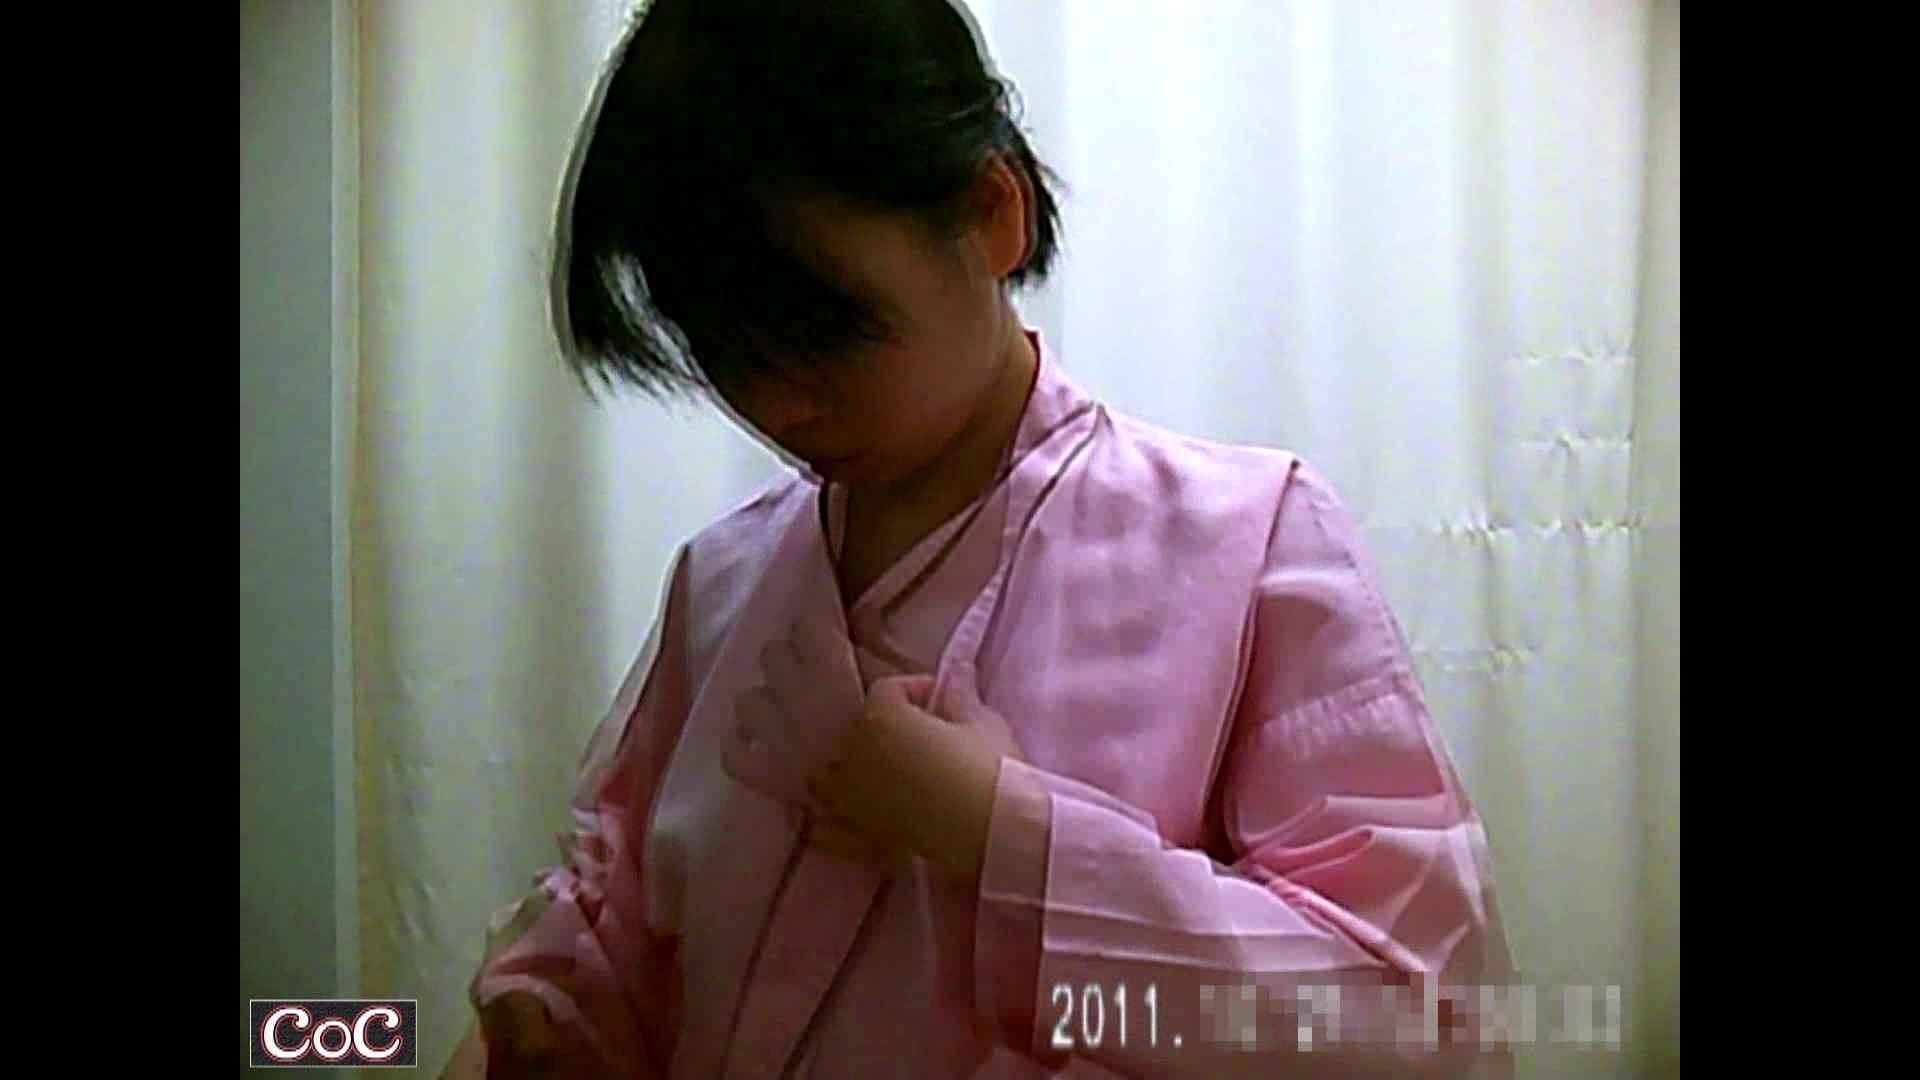 病院おもいっきり着替え! vol.66 貧乳 オマンコ無修正動画無料 77pic 41